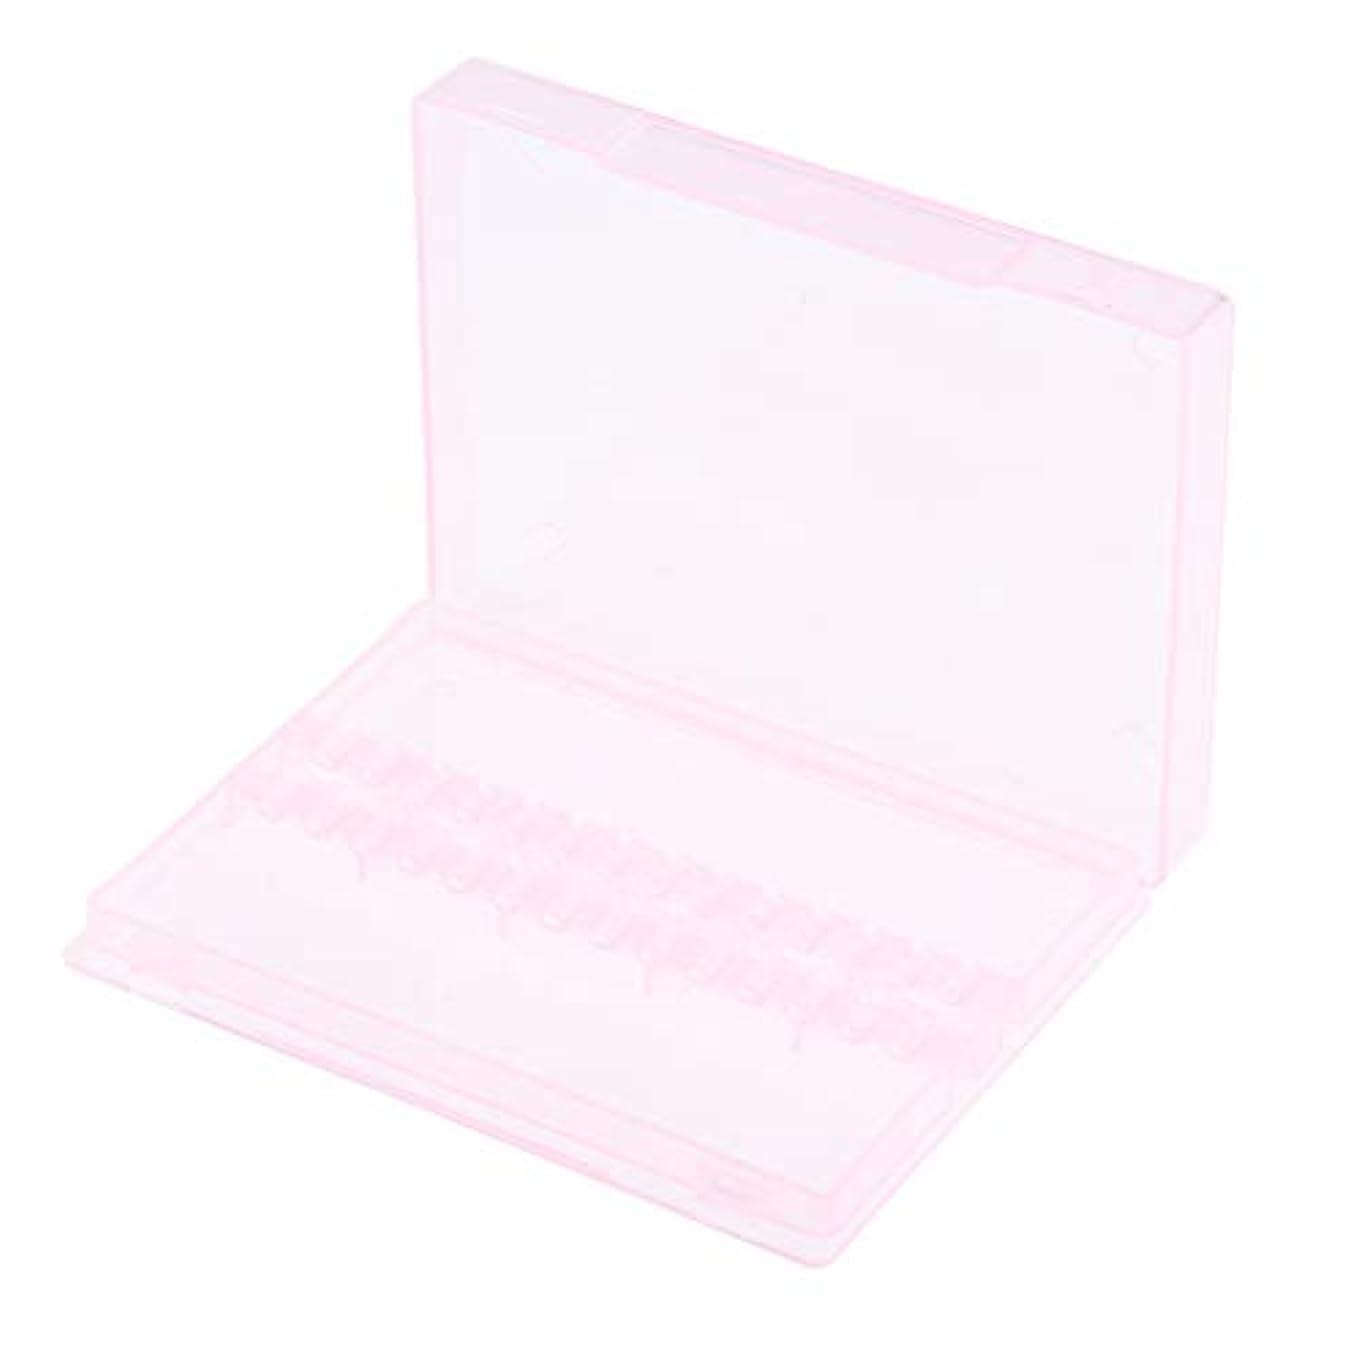 裏切り者排気用心ネイルアート ドリルビットホルダー 空ボックス 収納ケース 2色選べ - ピンク